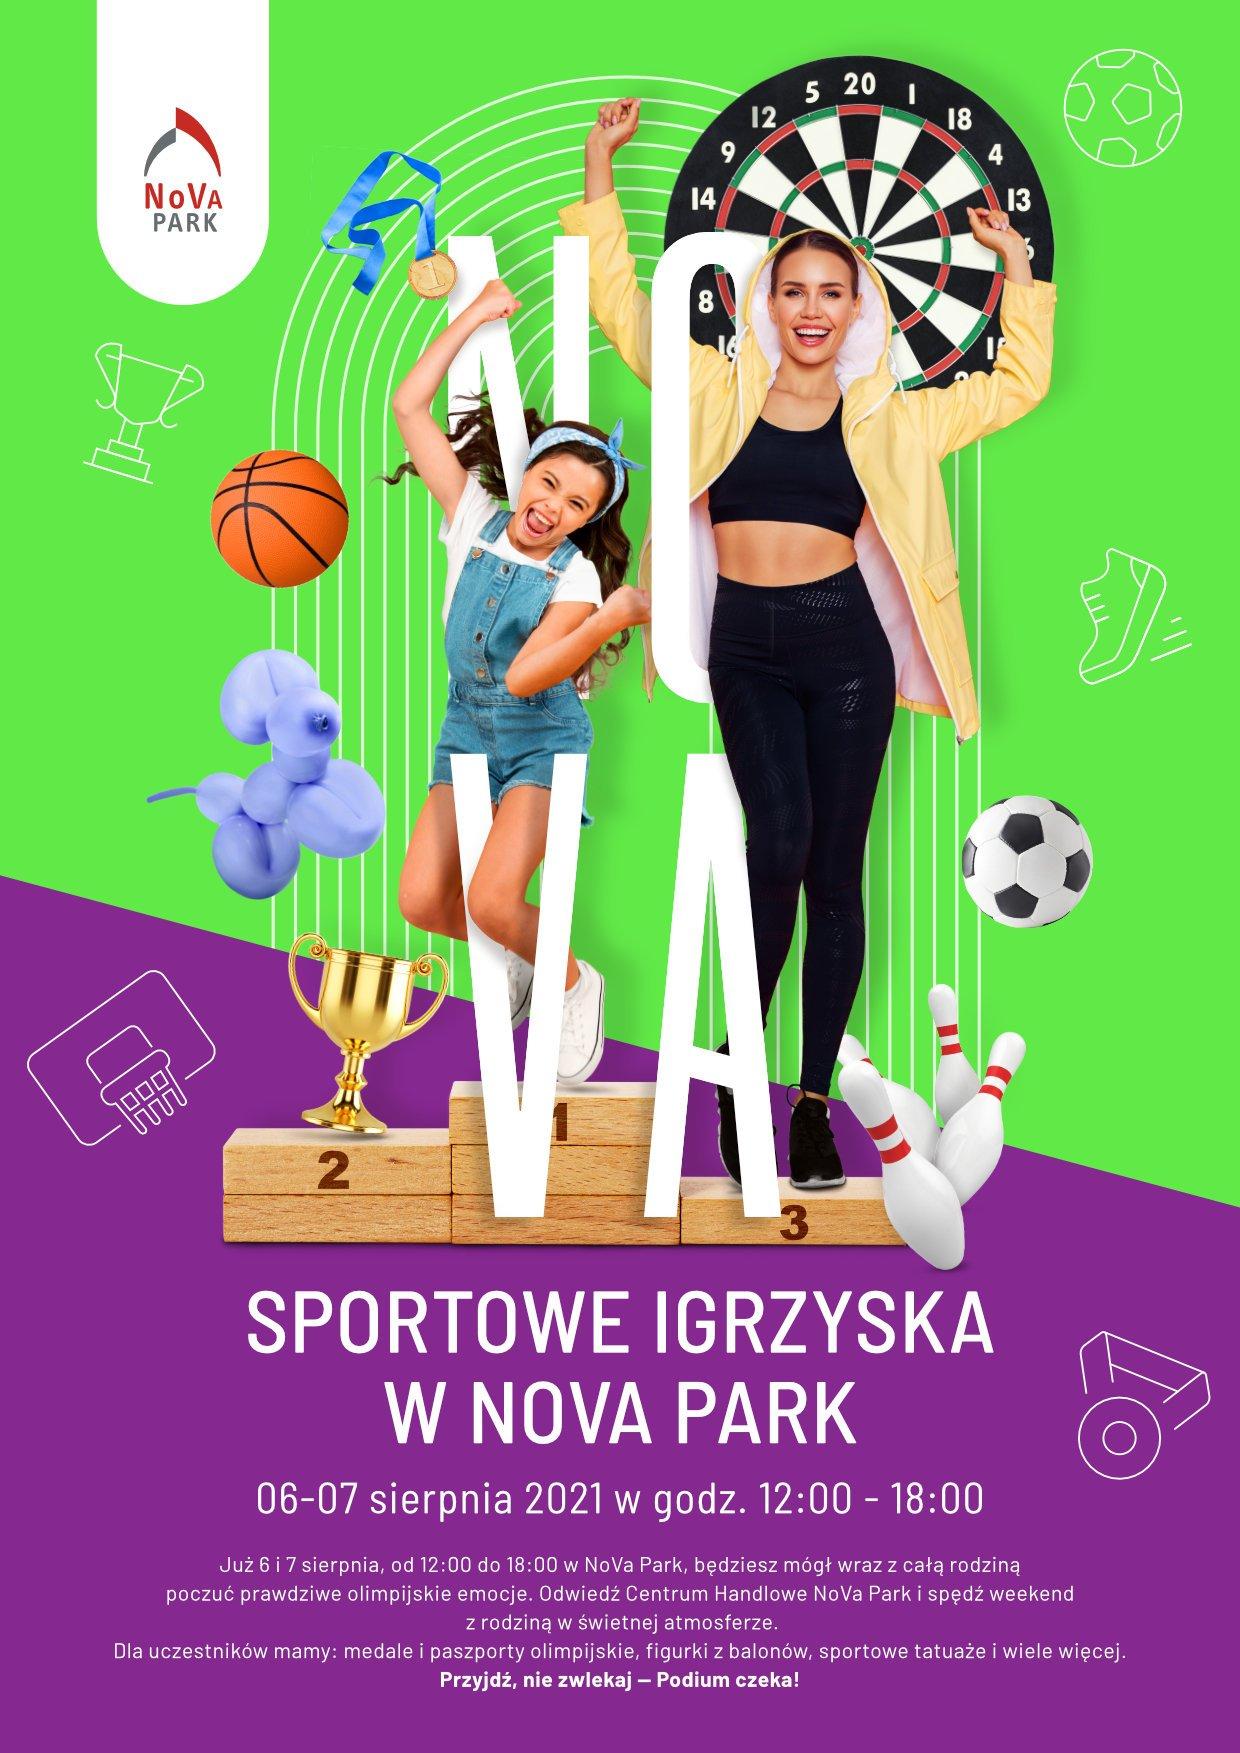 Sportowe igrzyska w NoVa Park